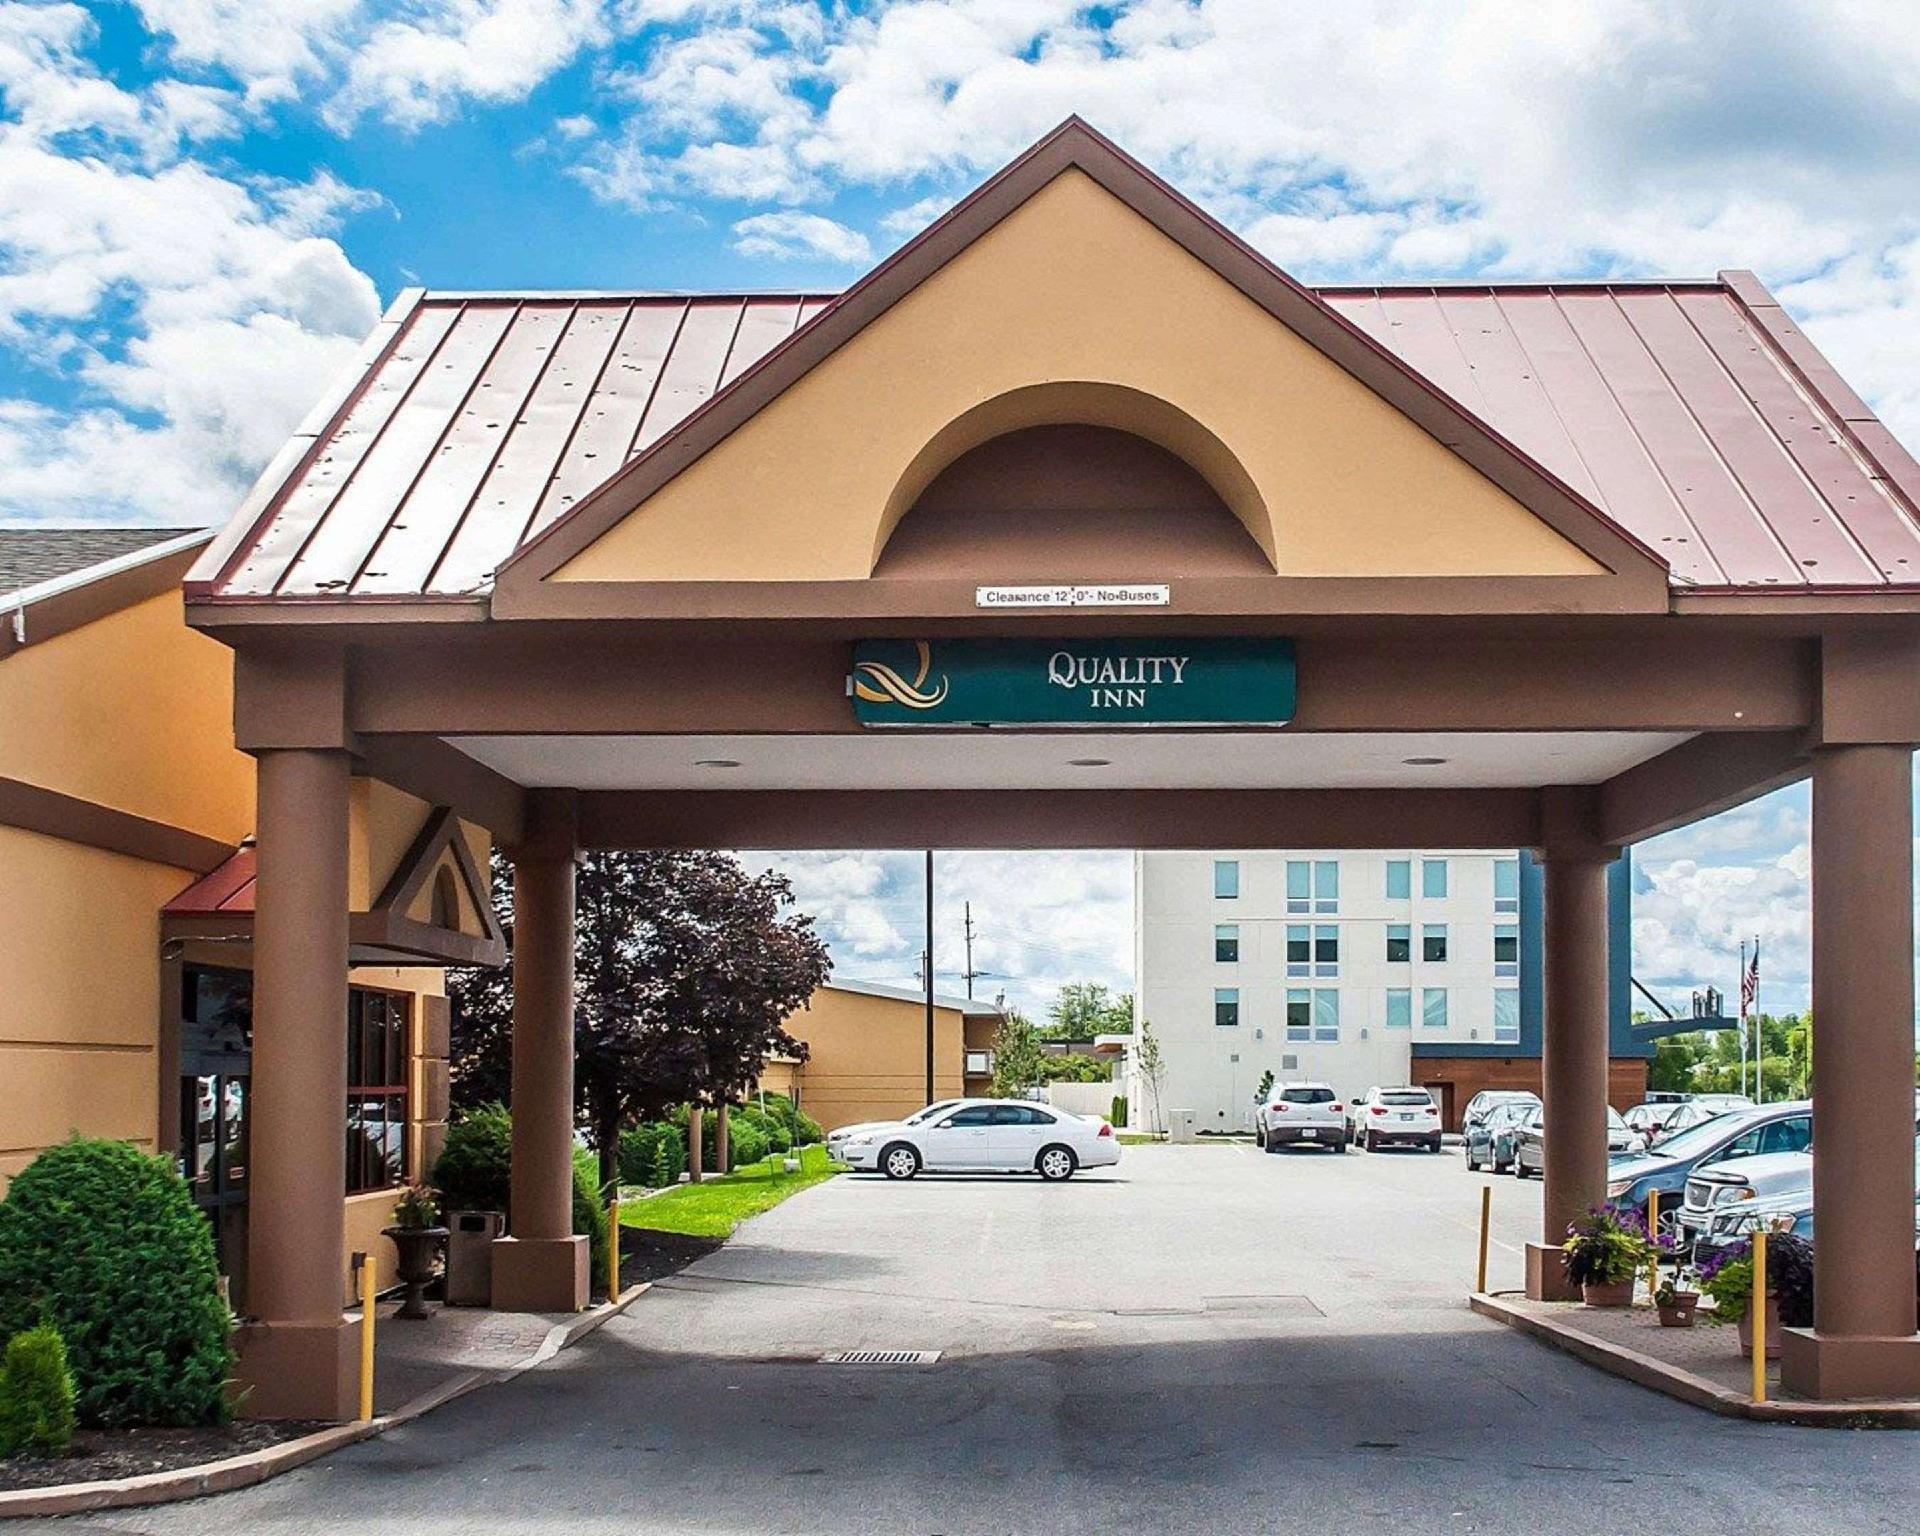 Quality Inn Airport Buffalo, Erie